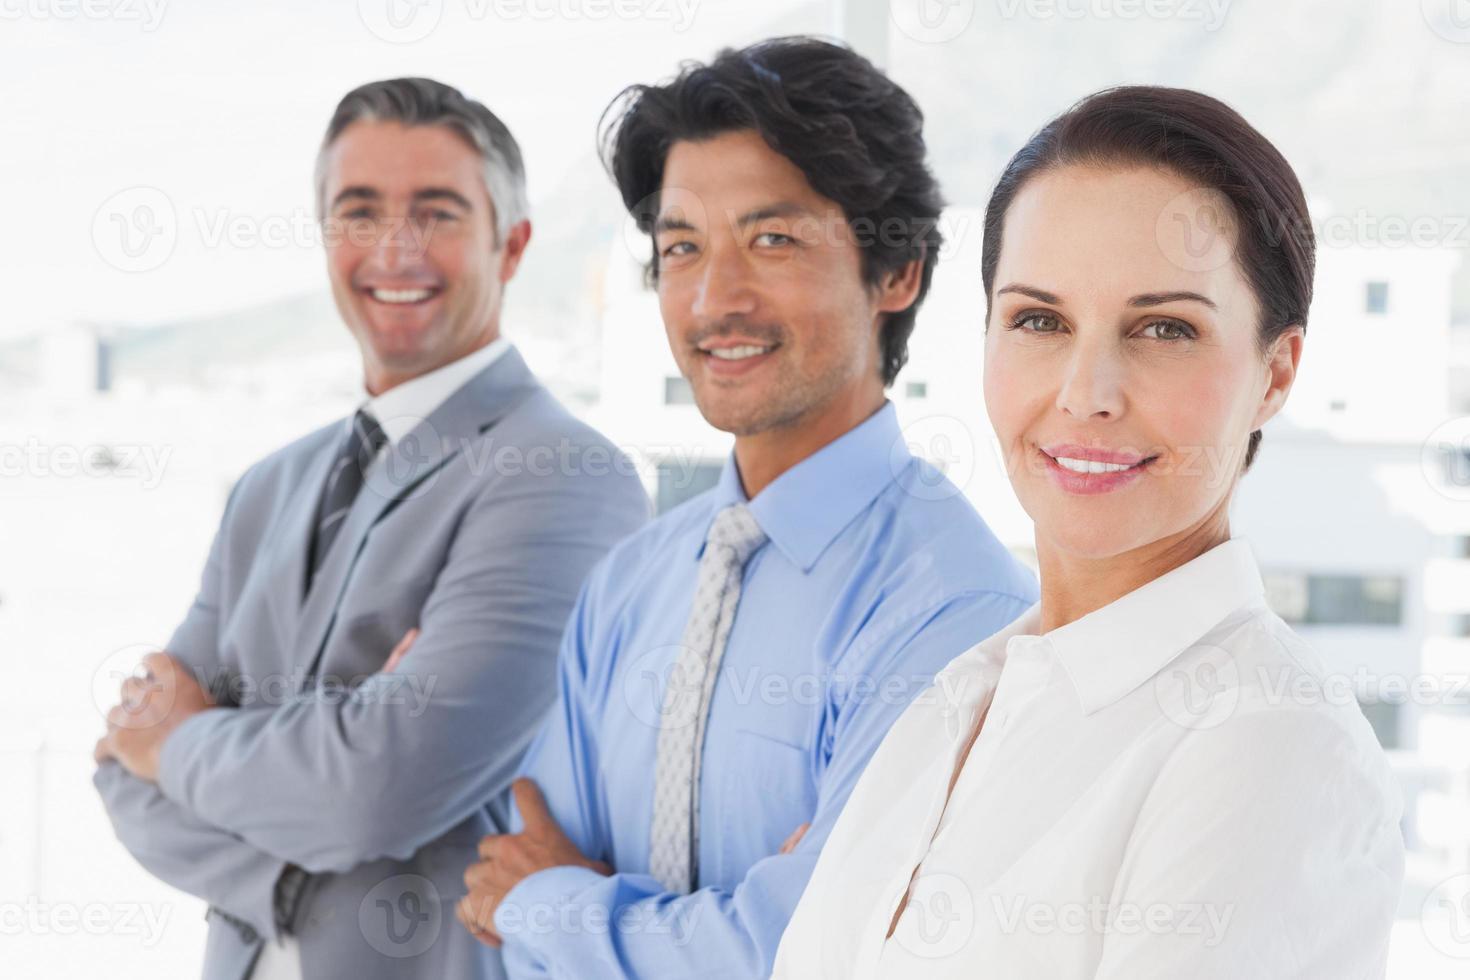 colleghi di lavoro sorridenti che stanno insieme foto